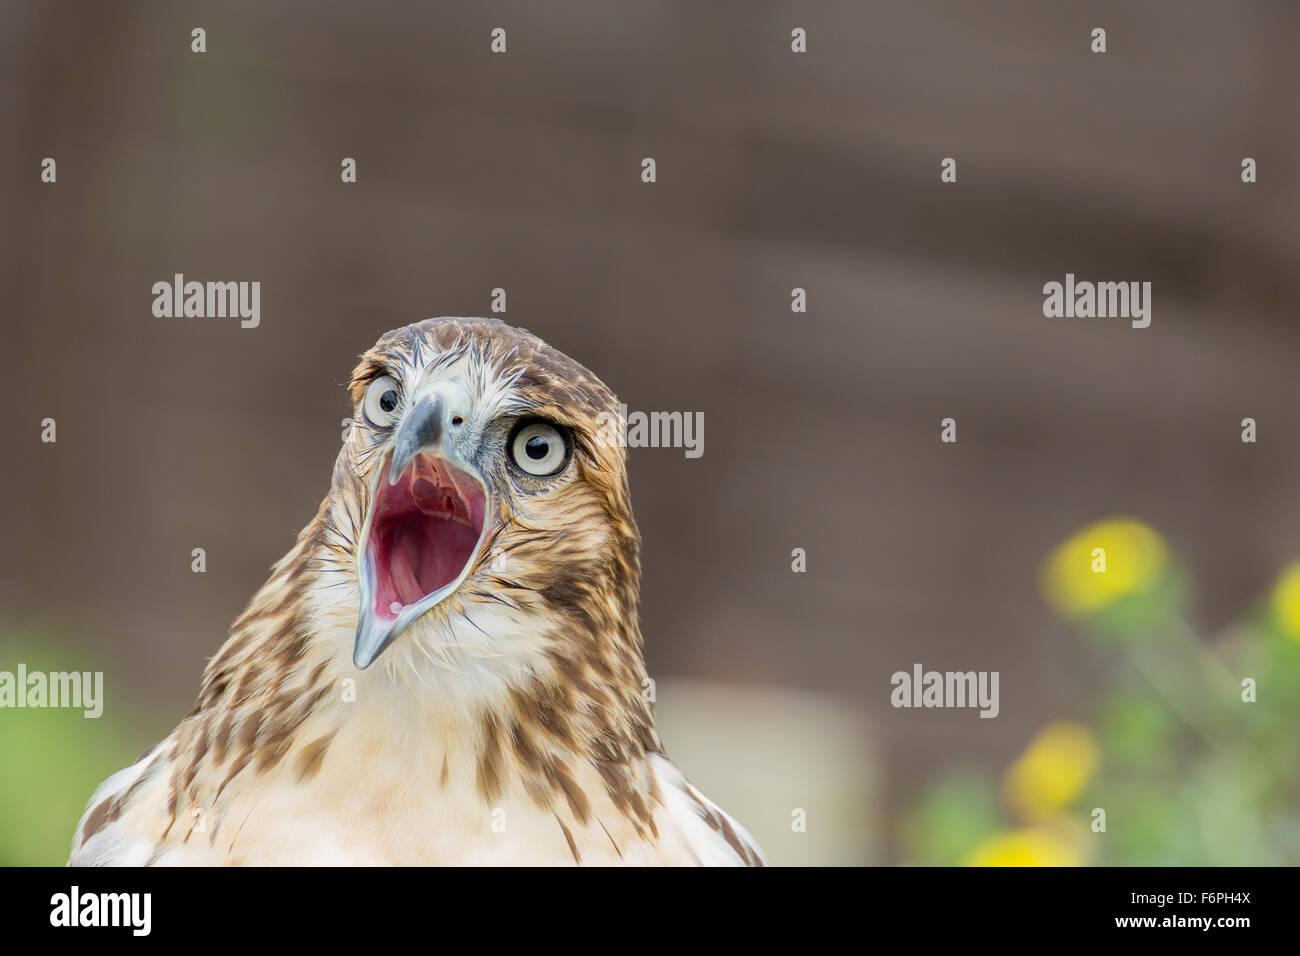 Cerca de aves de rapiña chillando Imagen De Stock